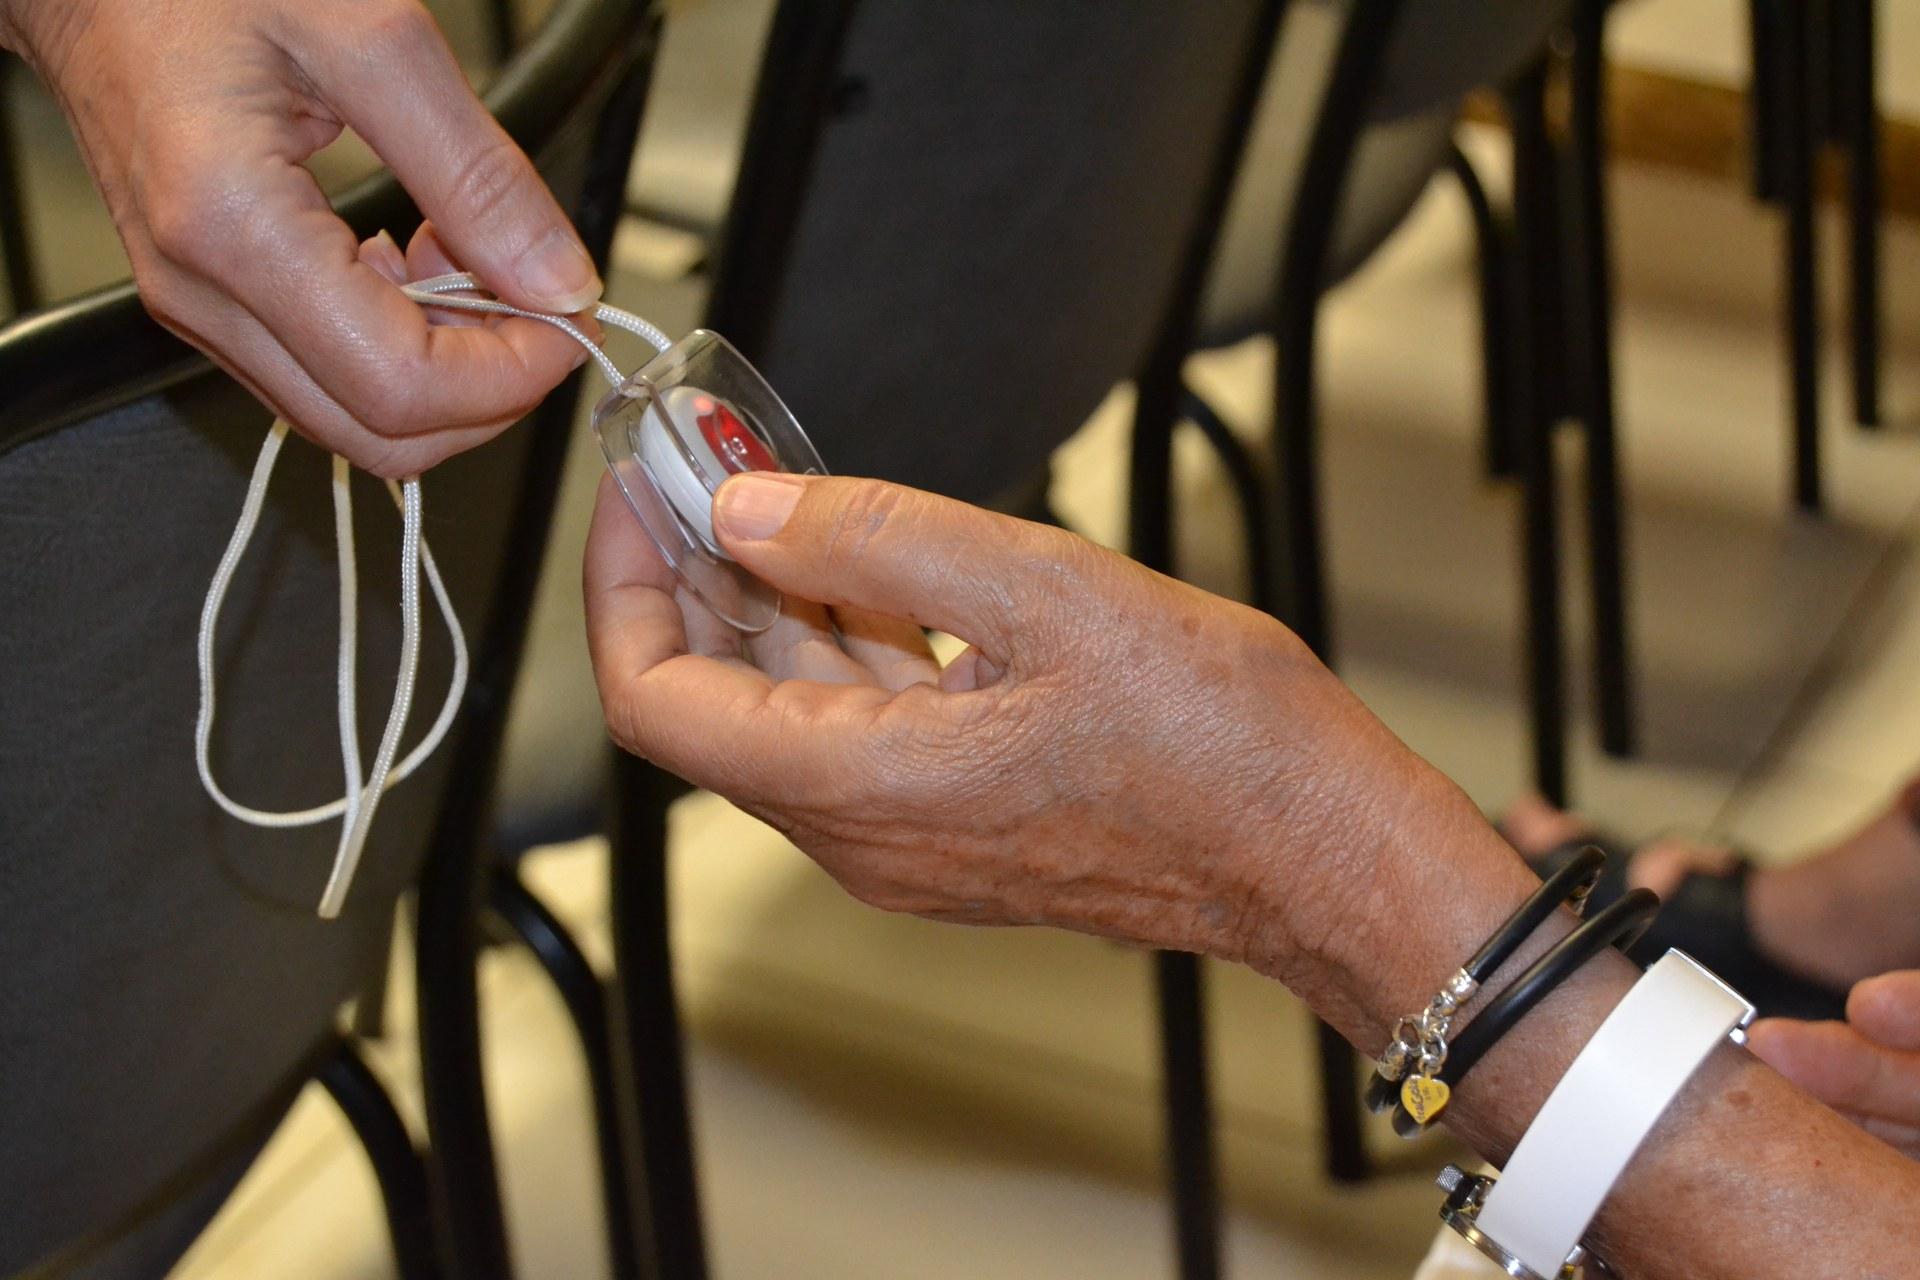 L'ajuntament inicia un reforç al servei de teleassistència durant el coronavirus